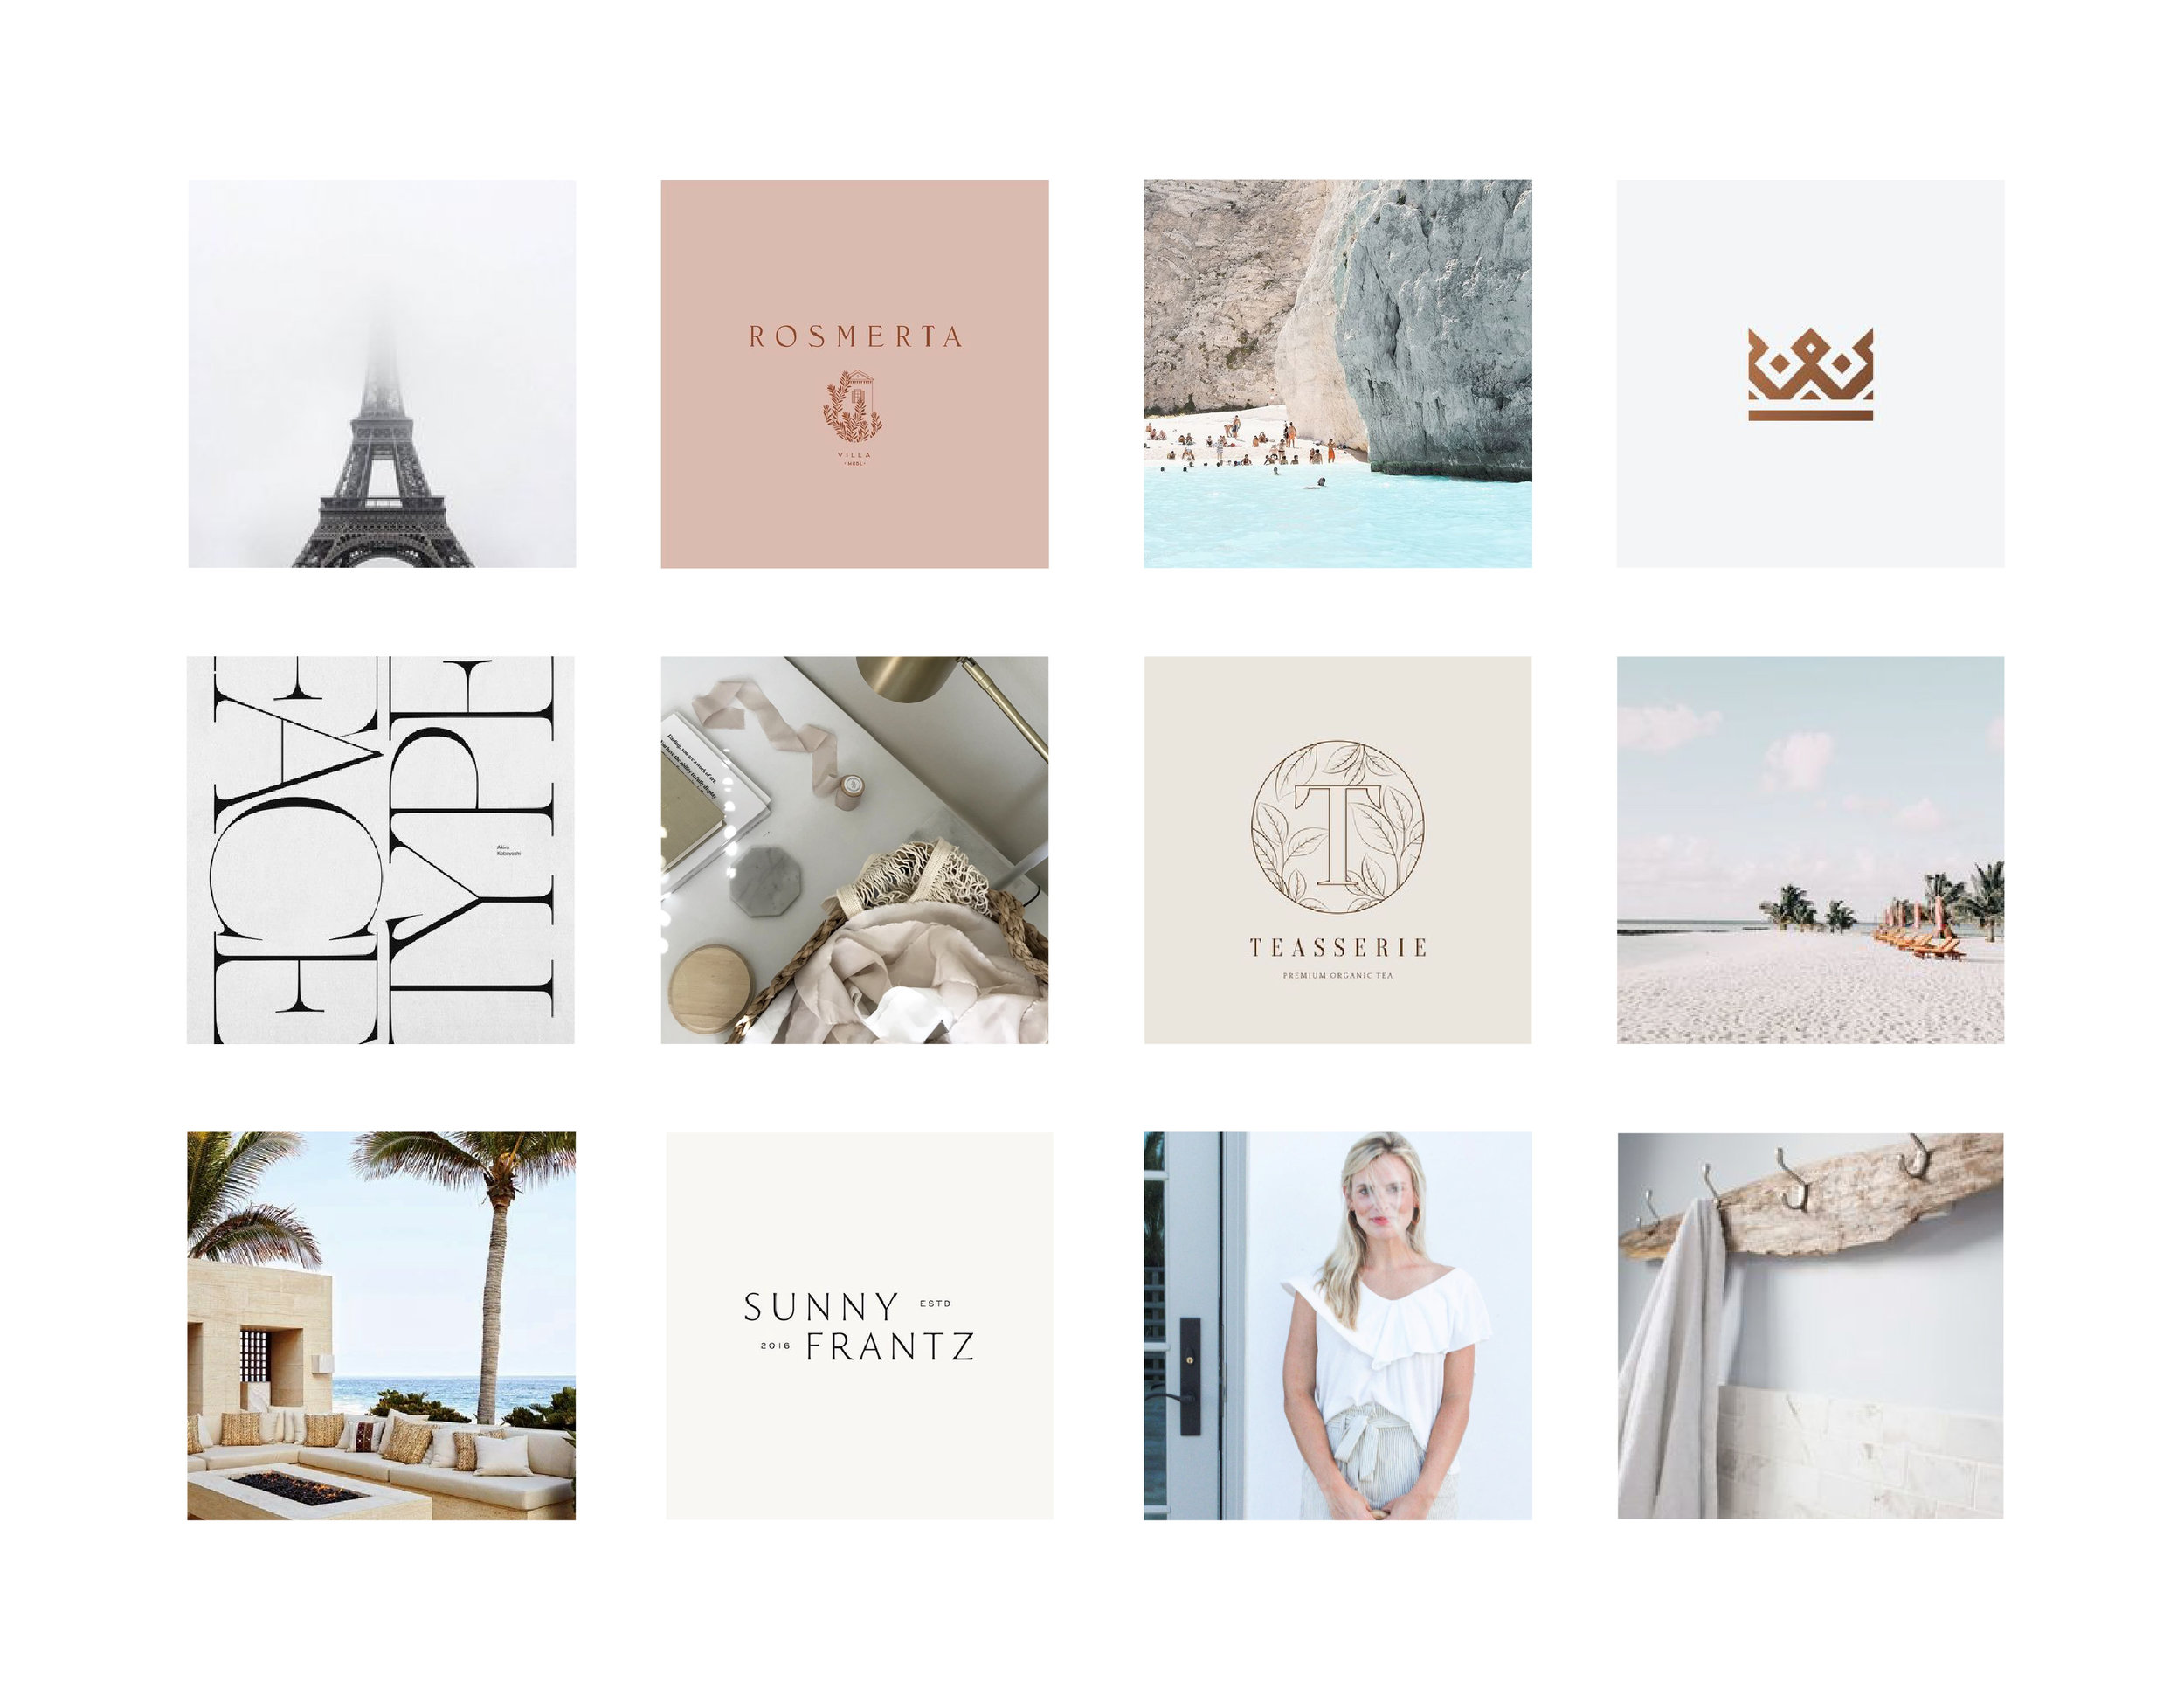 luxtravelkatie-brand-strategy-14.jpg